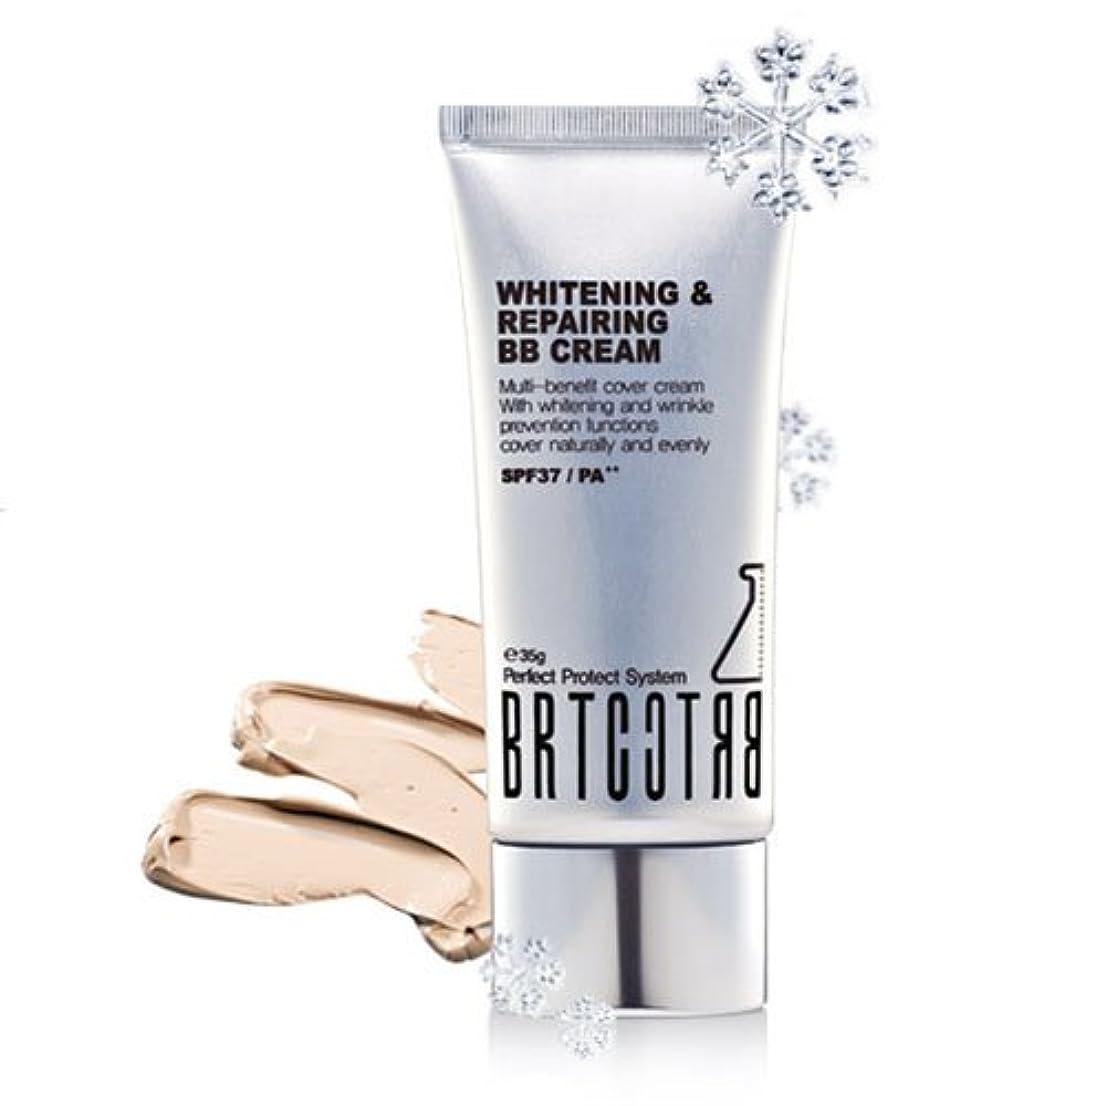 発表リングレット上向きBRTC ホワイトニング リペアリング BBクリーム (SPF37,PA++) [海外直送品][並行輸入品]